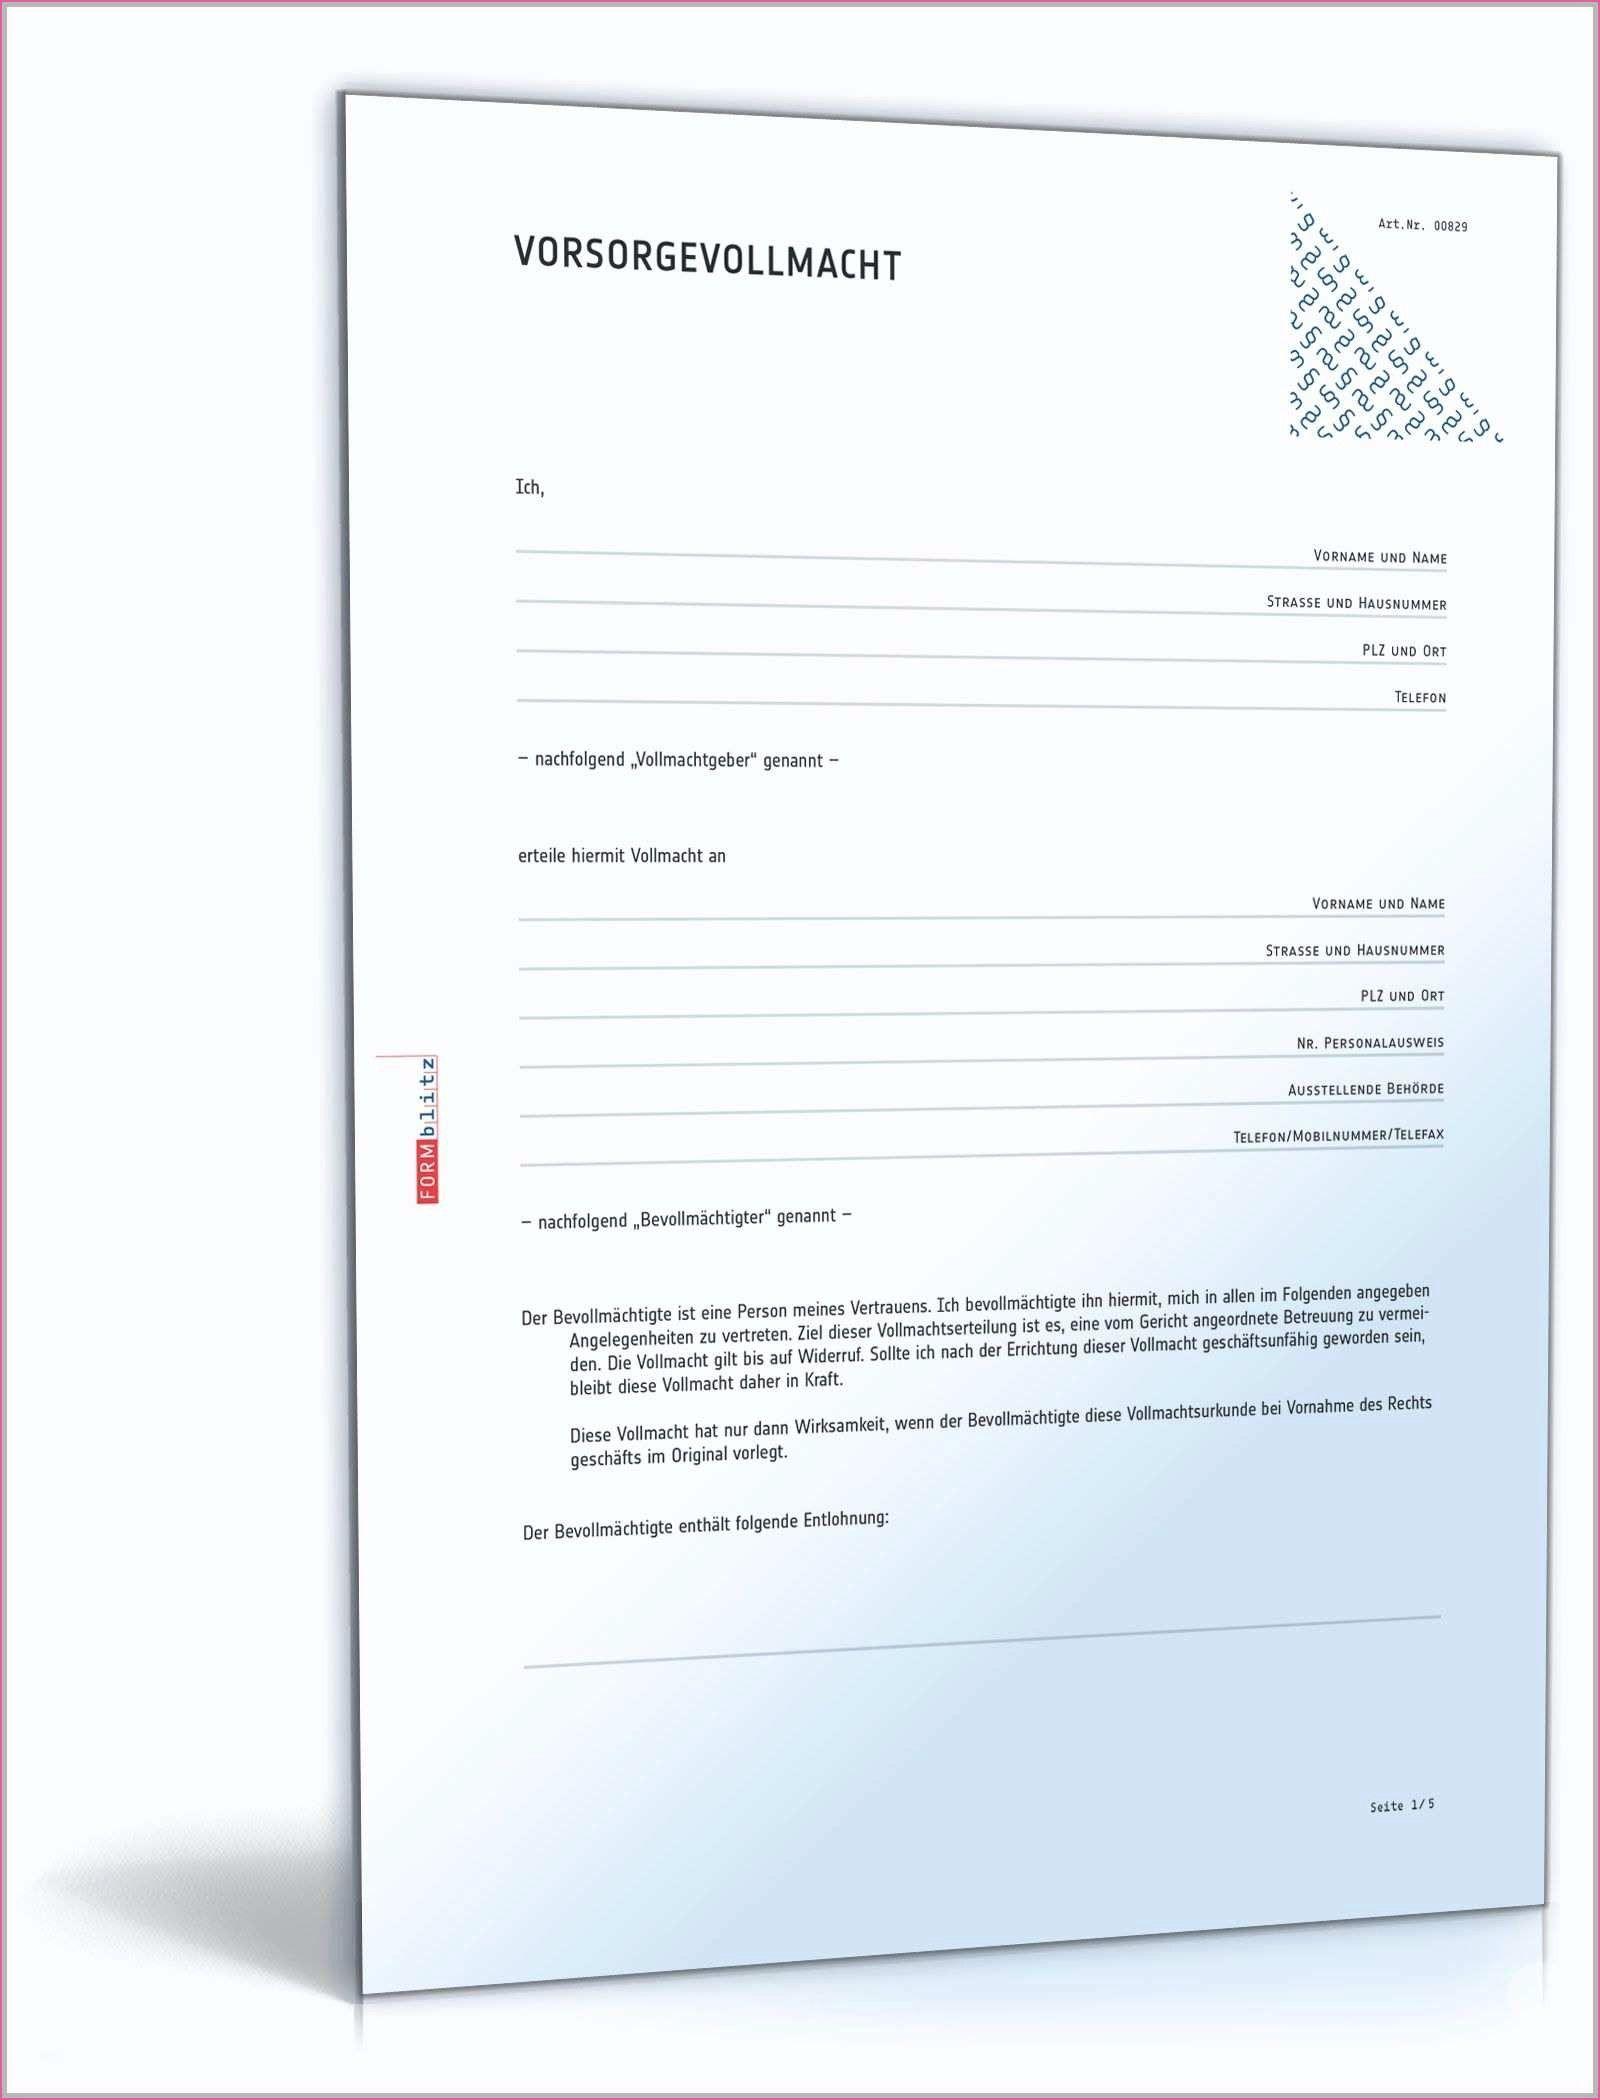 Genial Ratenzahlung Finanzamt Muster In 2020 Finanzen Vorlagen Word Vorlagen